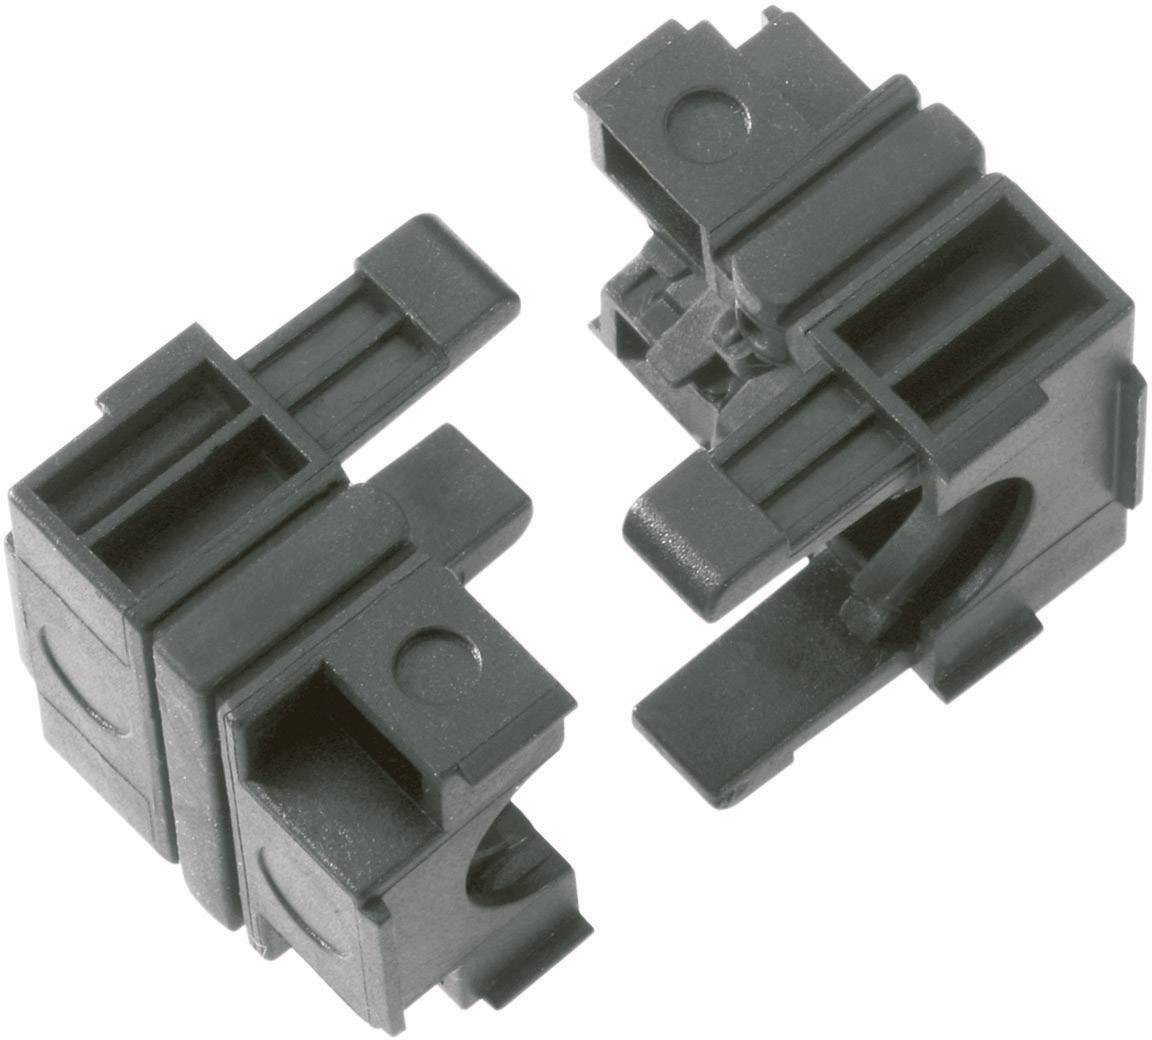 Káblová priechodka LappKabel SKINTOP CUBE L, Ø 9 mm, polypropylén, čierna, 5 ks